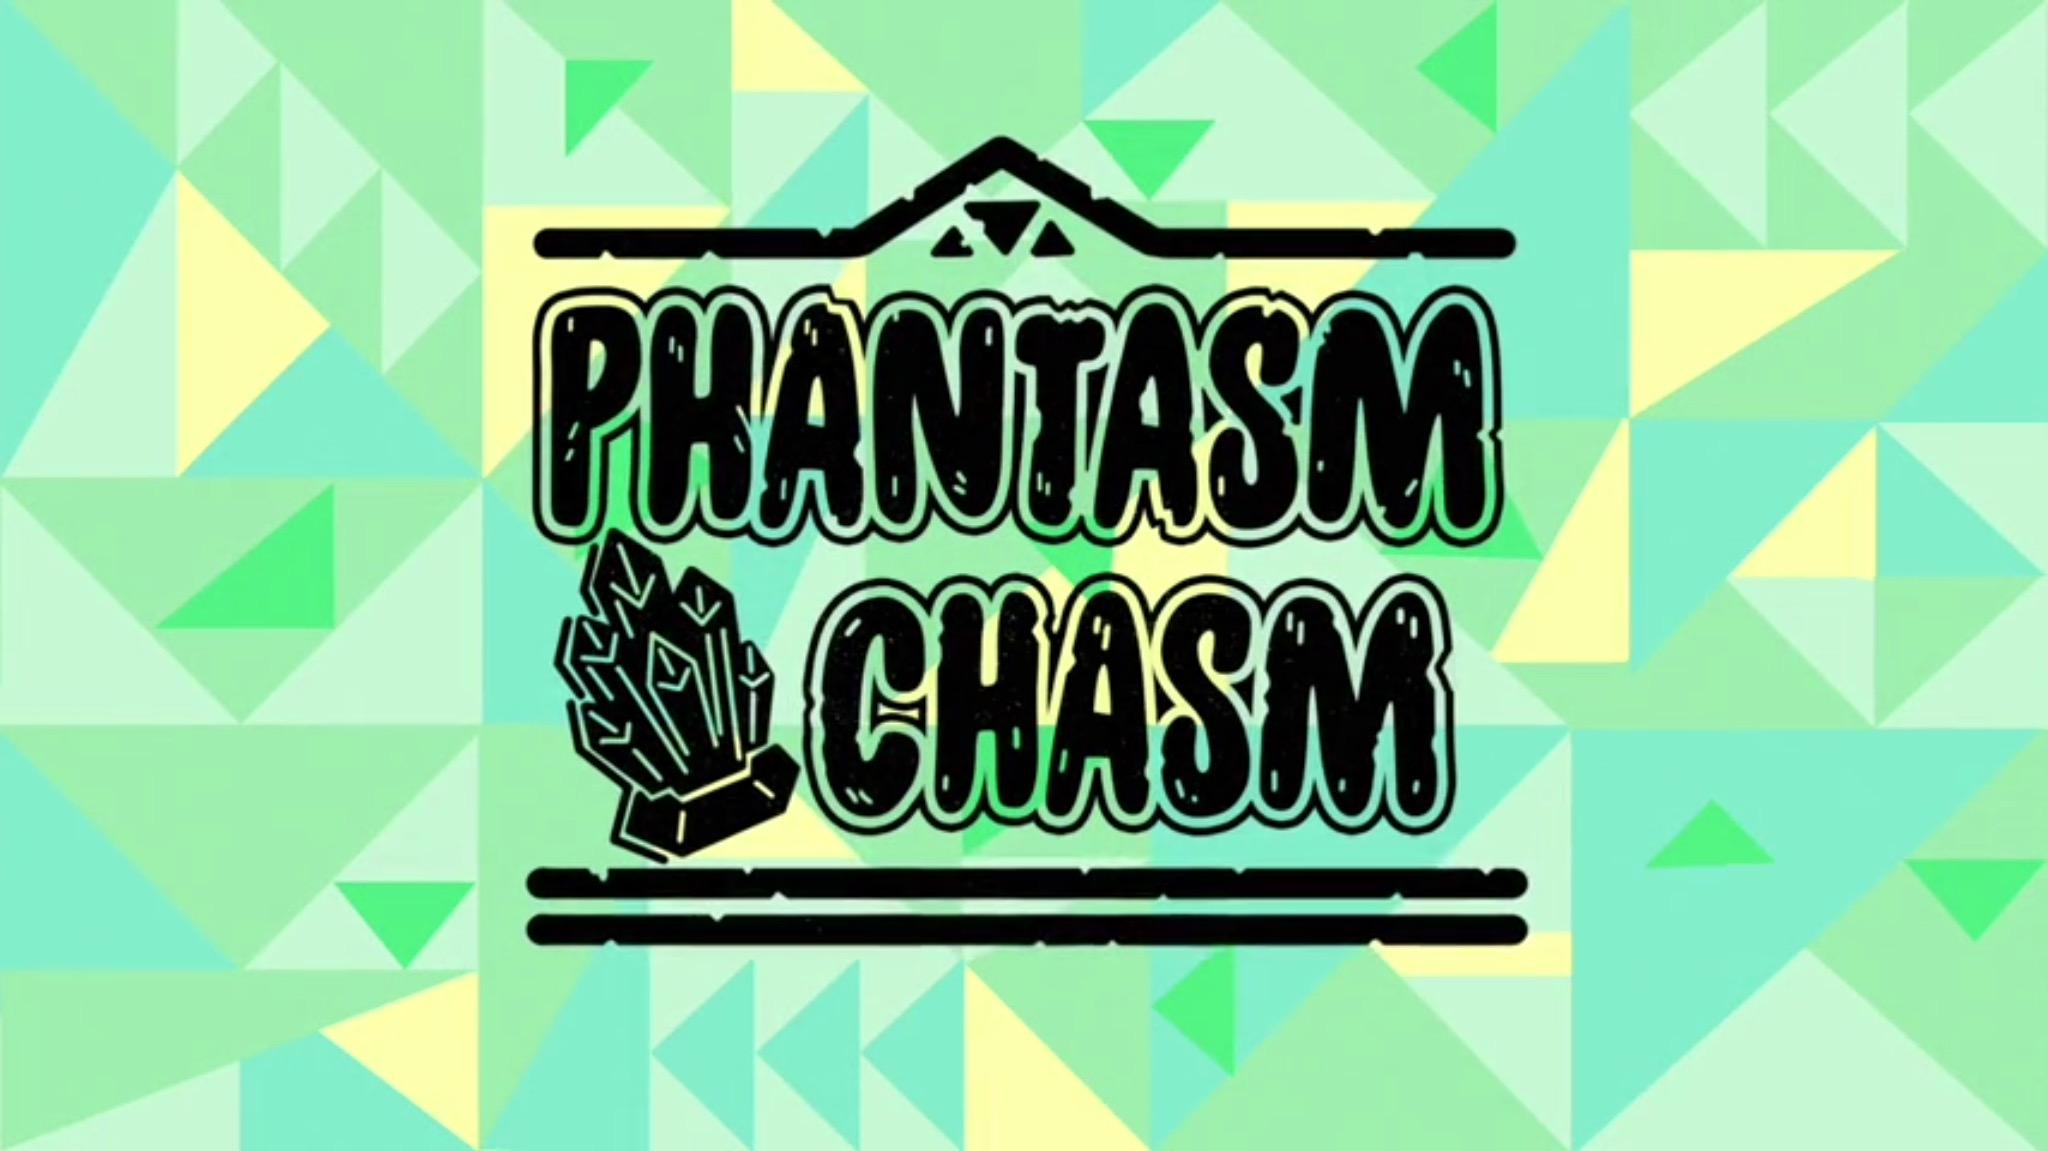 Phantasm Chasm